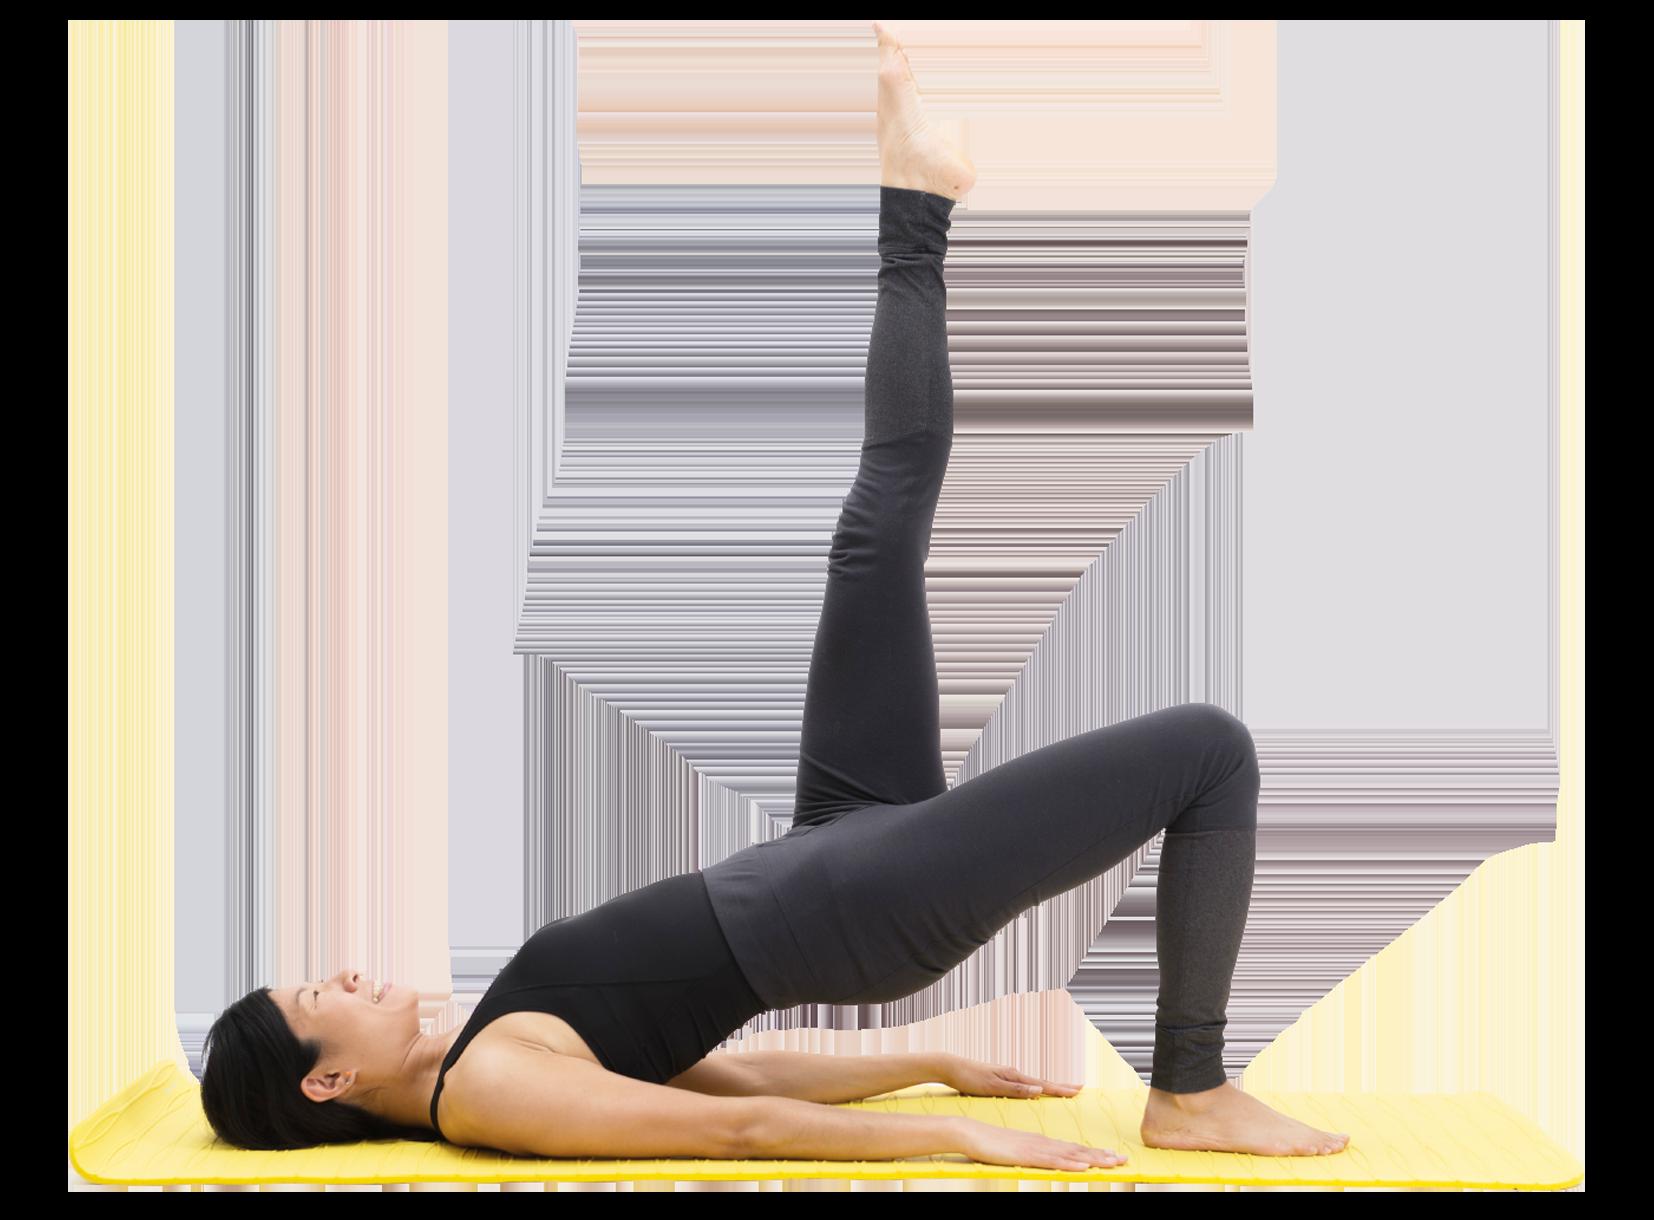 chen pilate yoga cours de pilates yoga. Black Bedroom Furniture Sets. Home Design Ideas